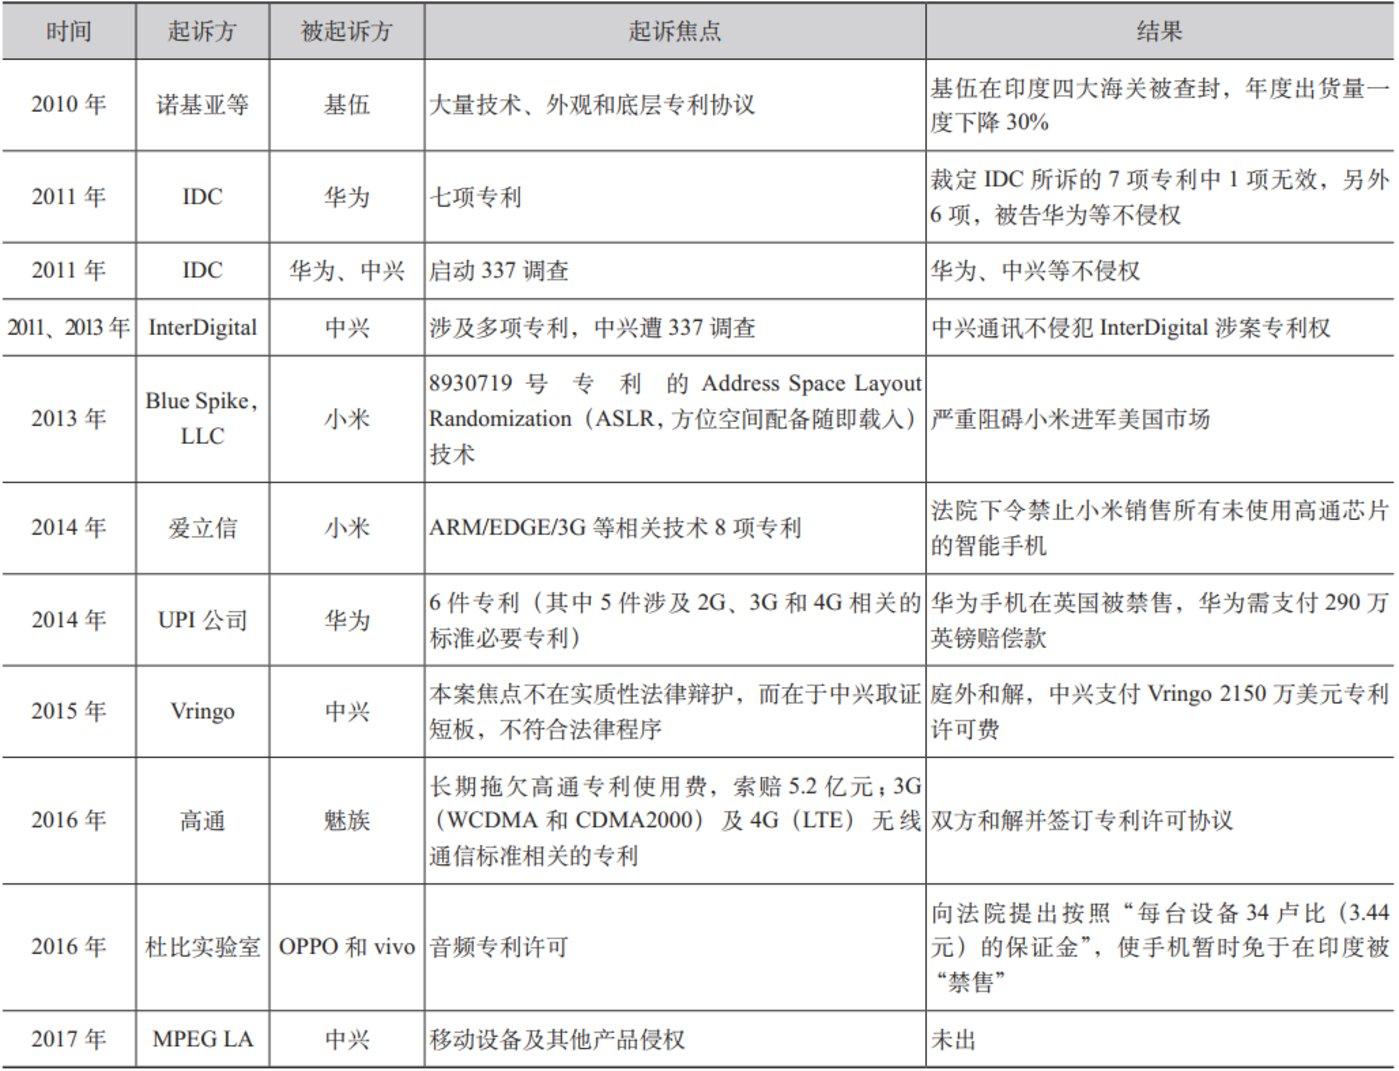 图3:海外企业起诉国产手机统计表